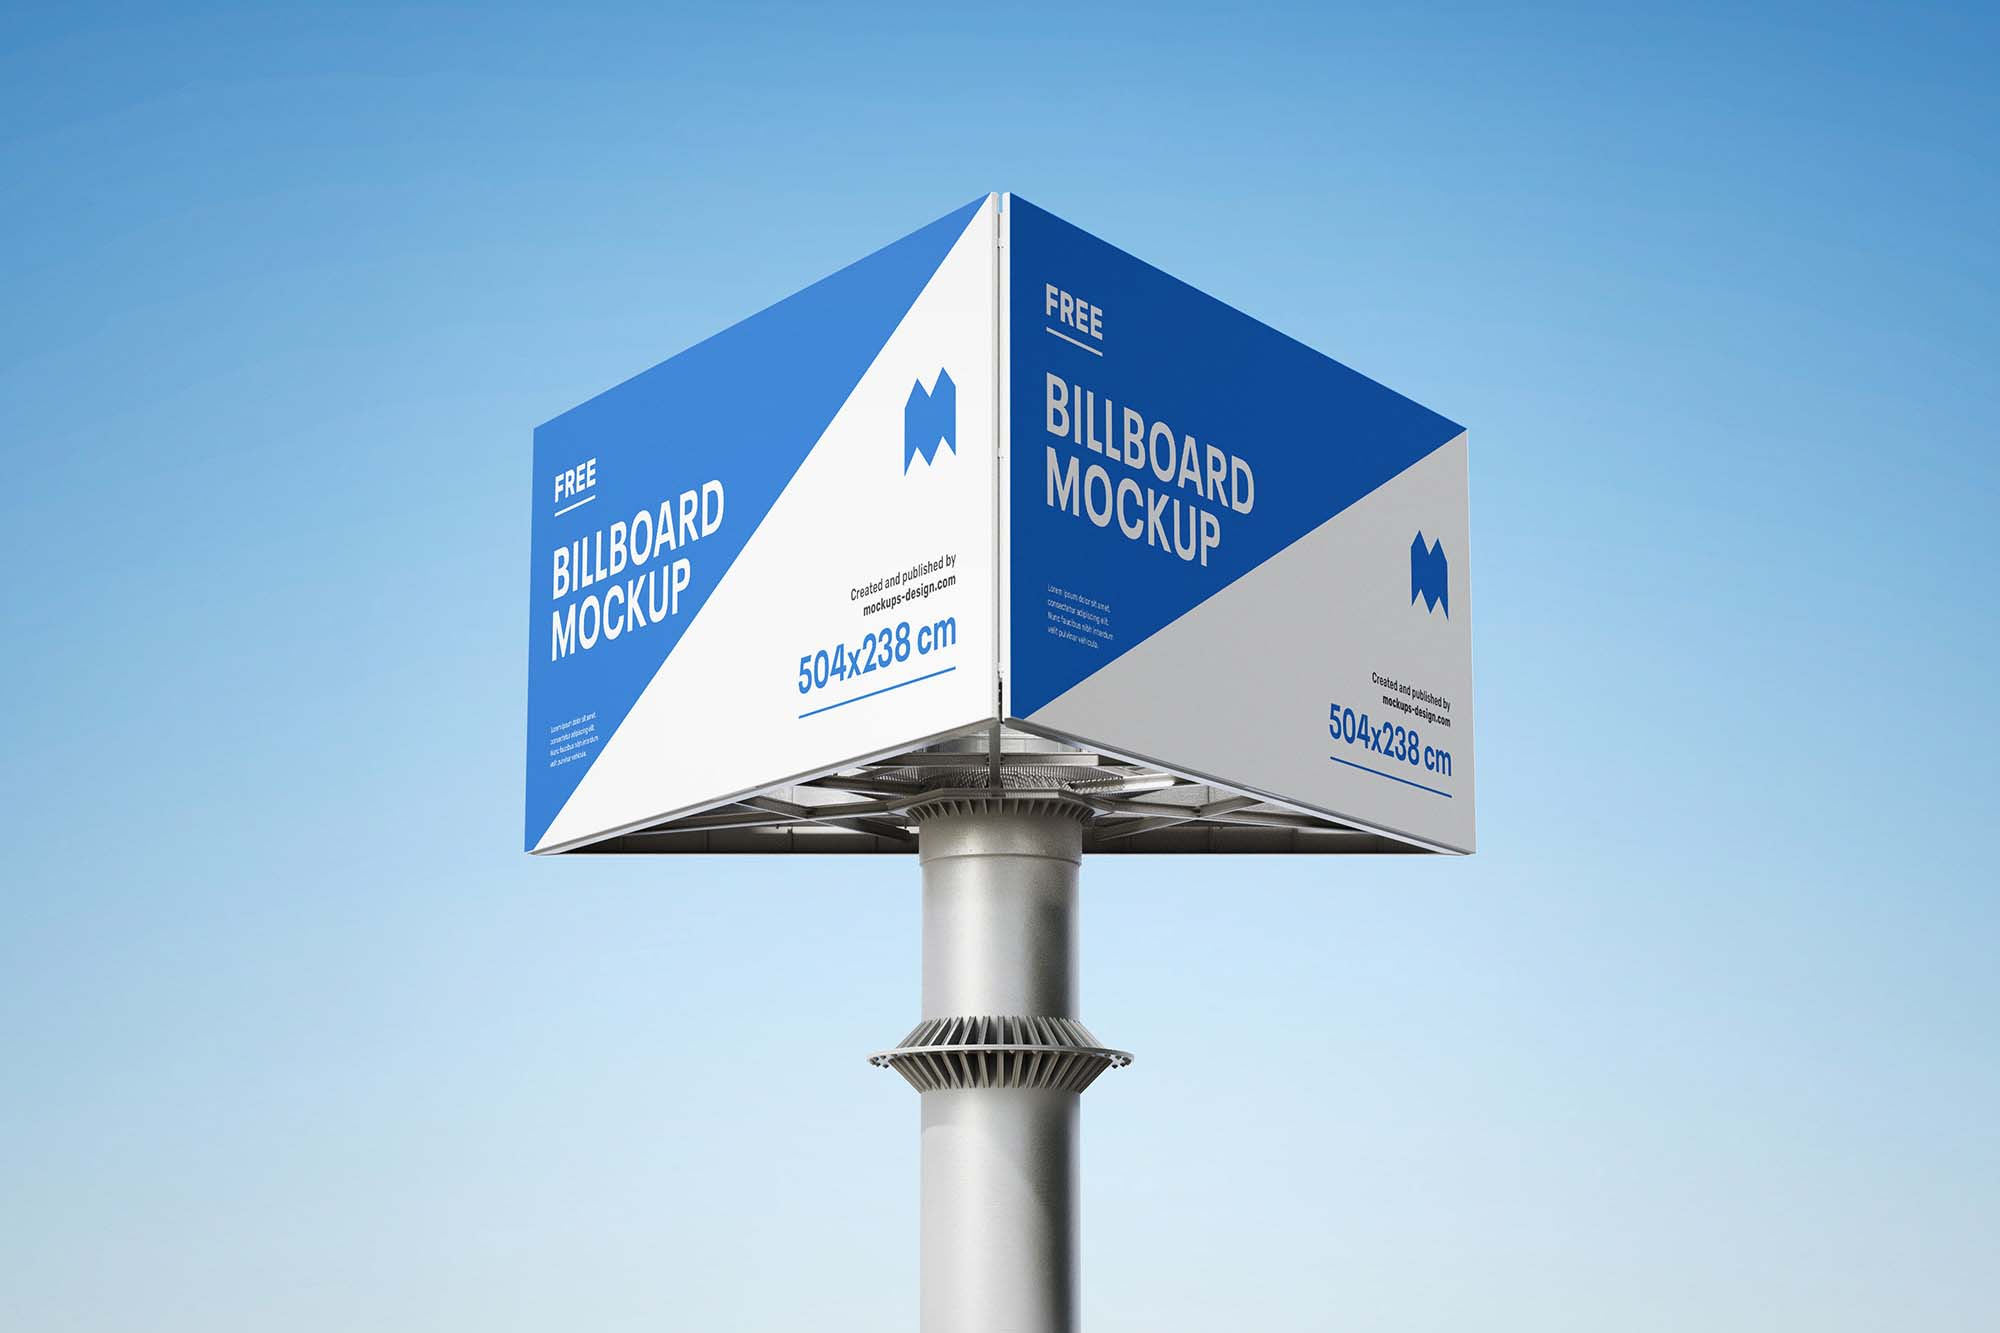 Triple Side Billboard Mockup 2